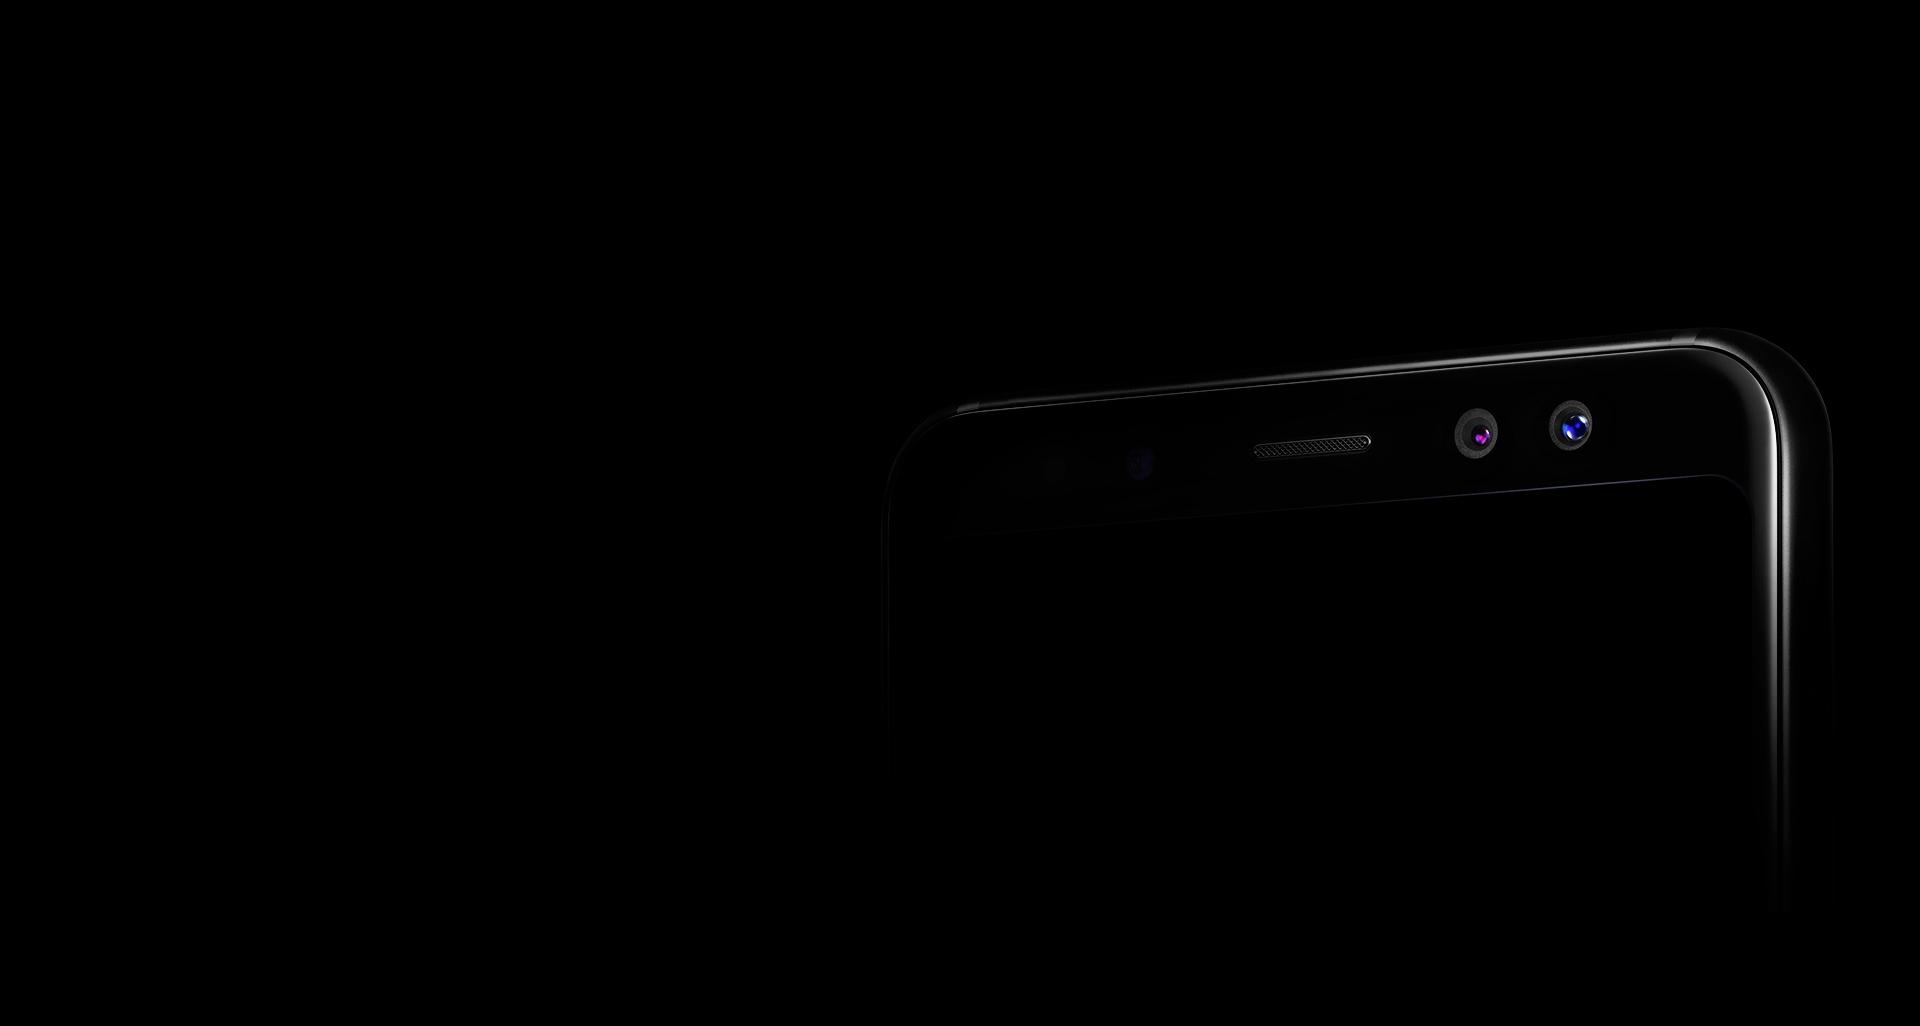 سامسونگ گلکسی ای 8 پلاس با دوربین دوگانه